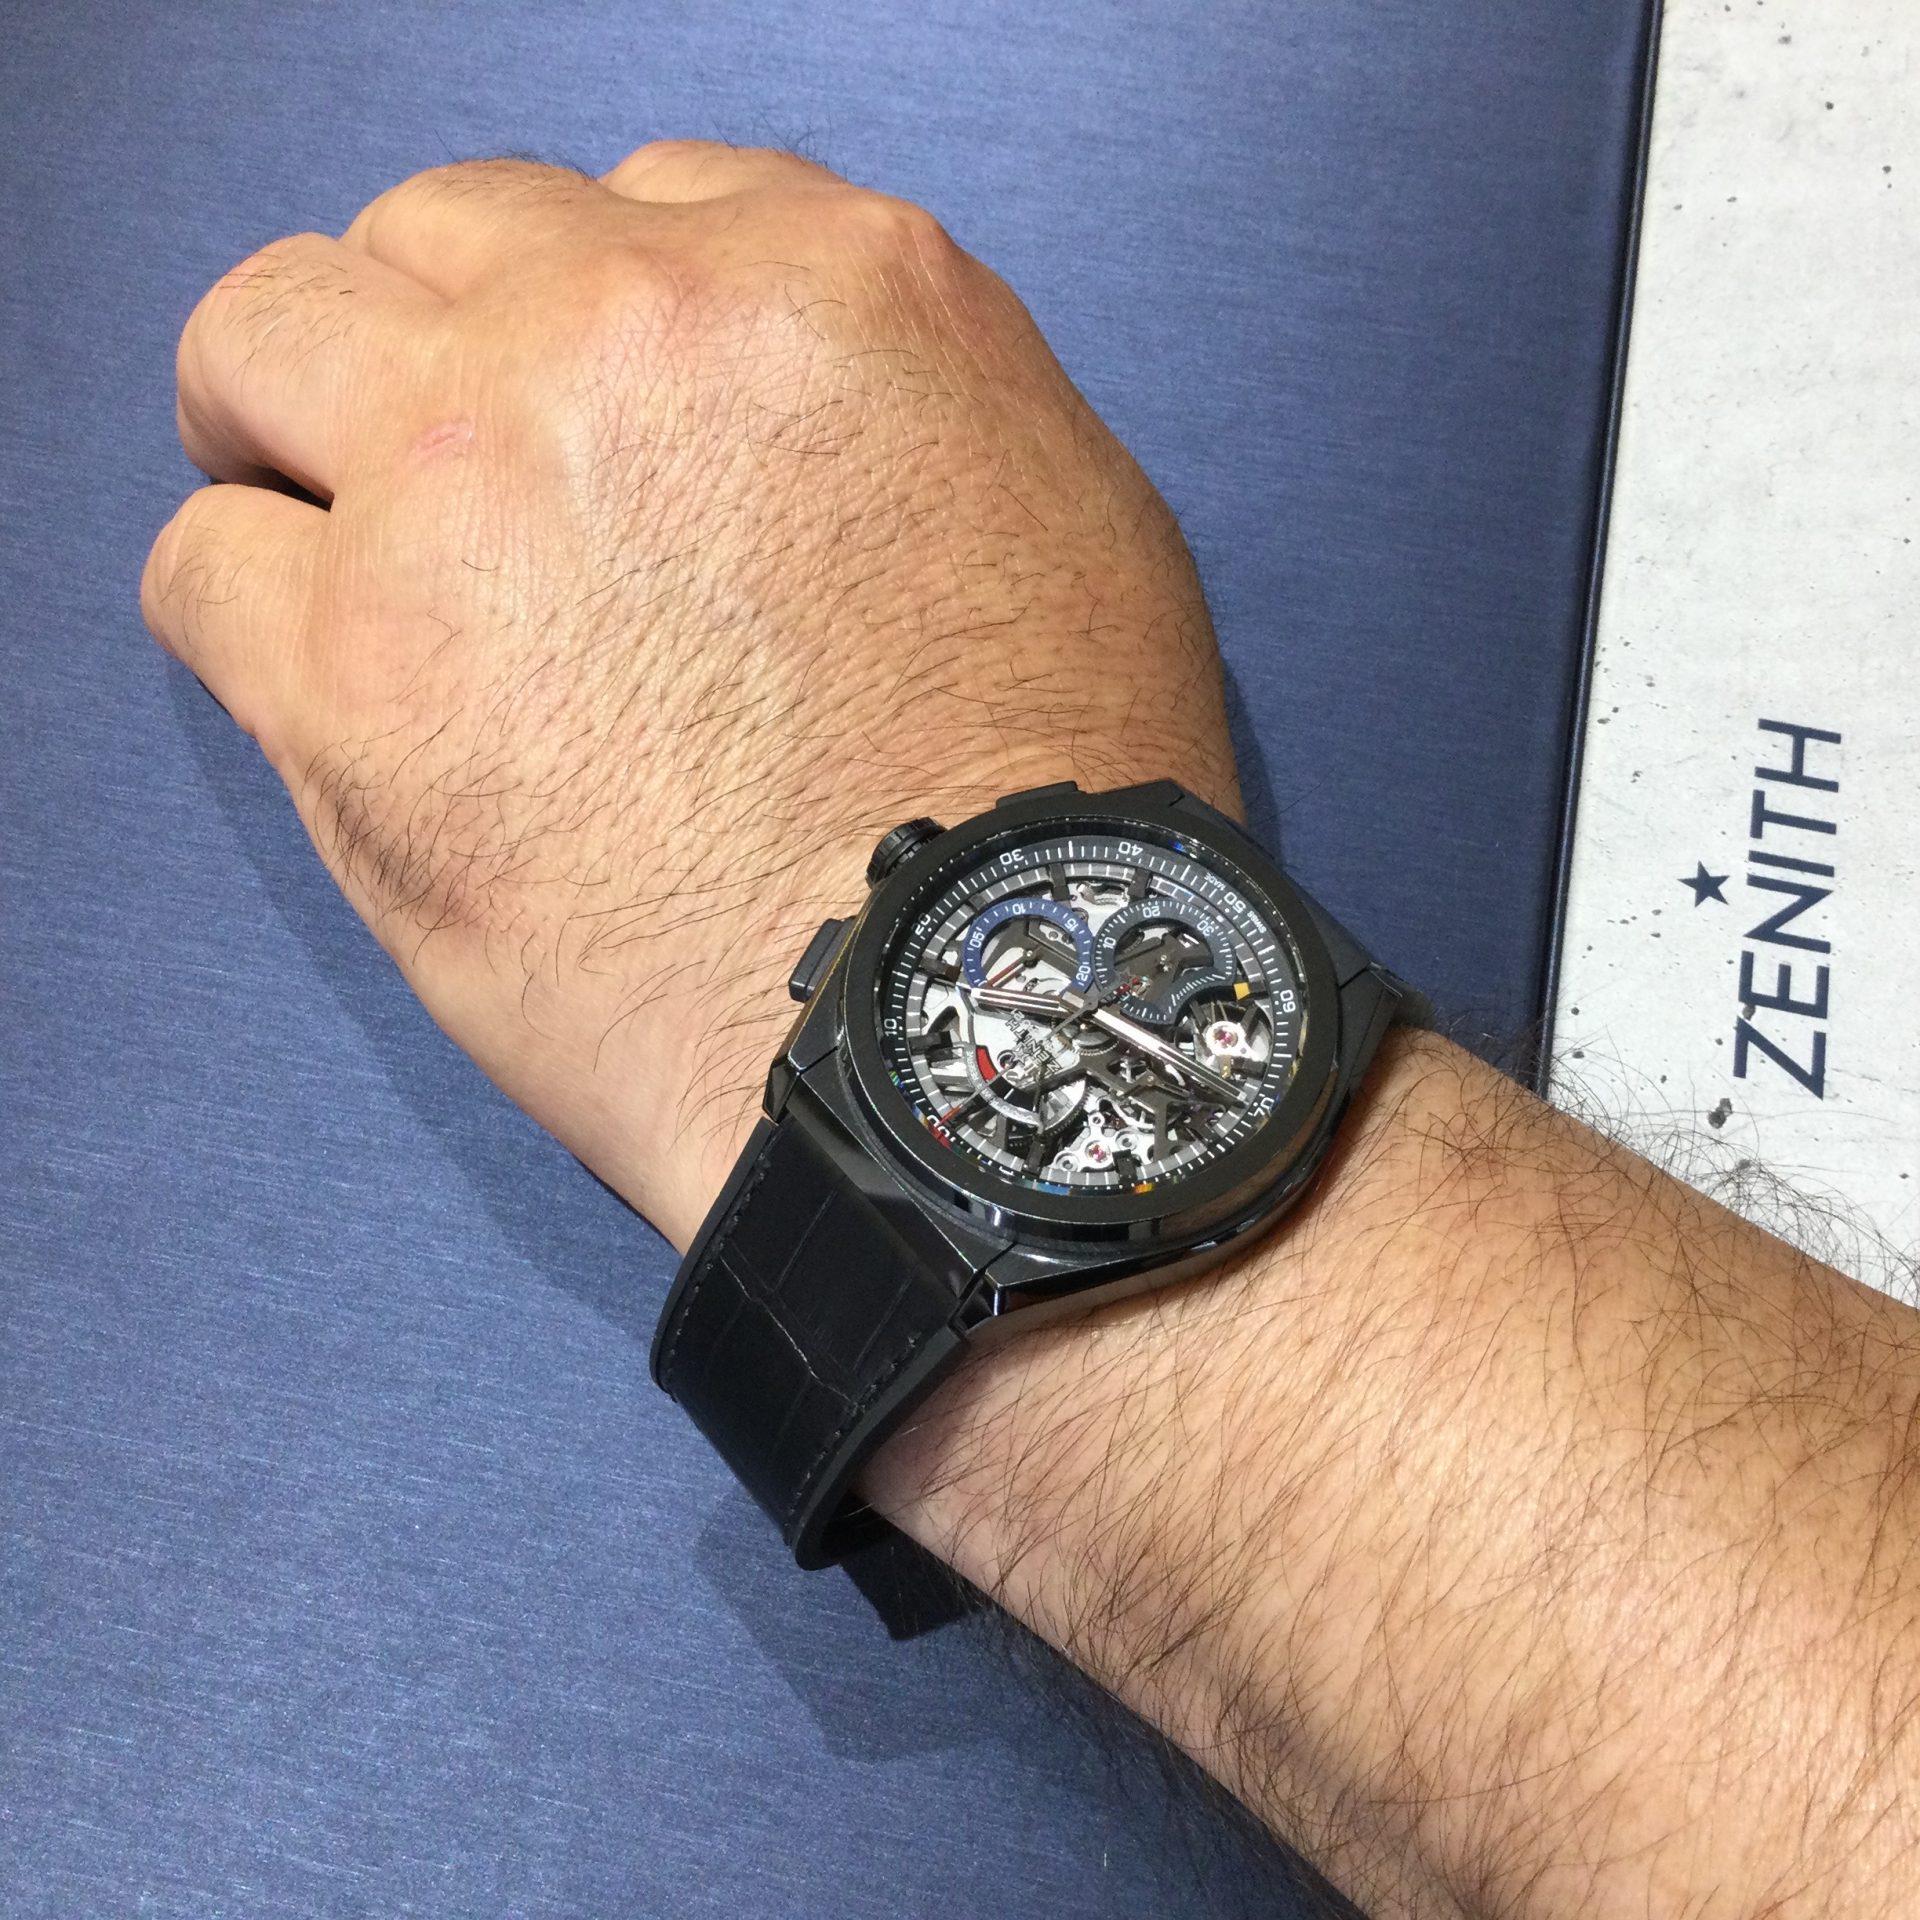 ゼニスのお時計をお買い上げ頂きまして、有難うございます!-画像1